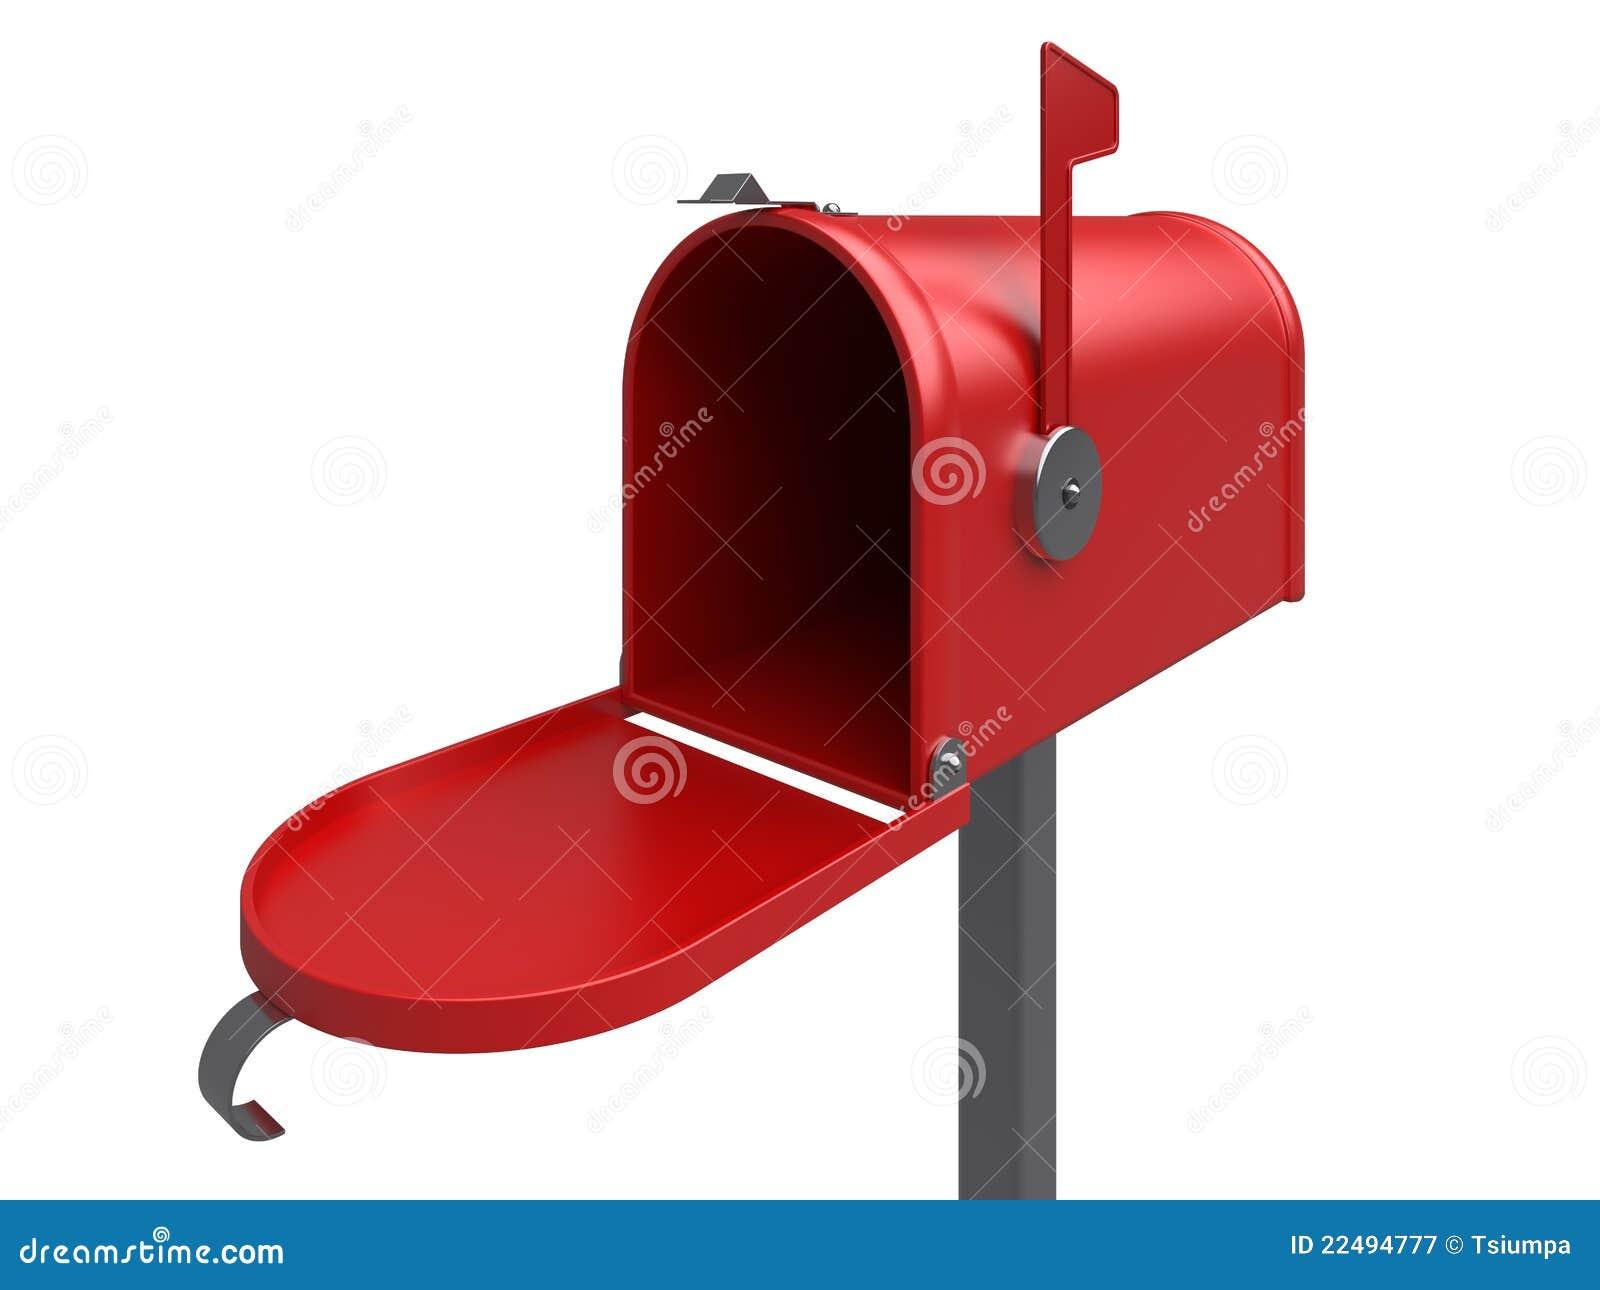 clipart gratuit boite aux lettres - photo #9